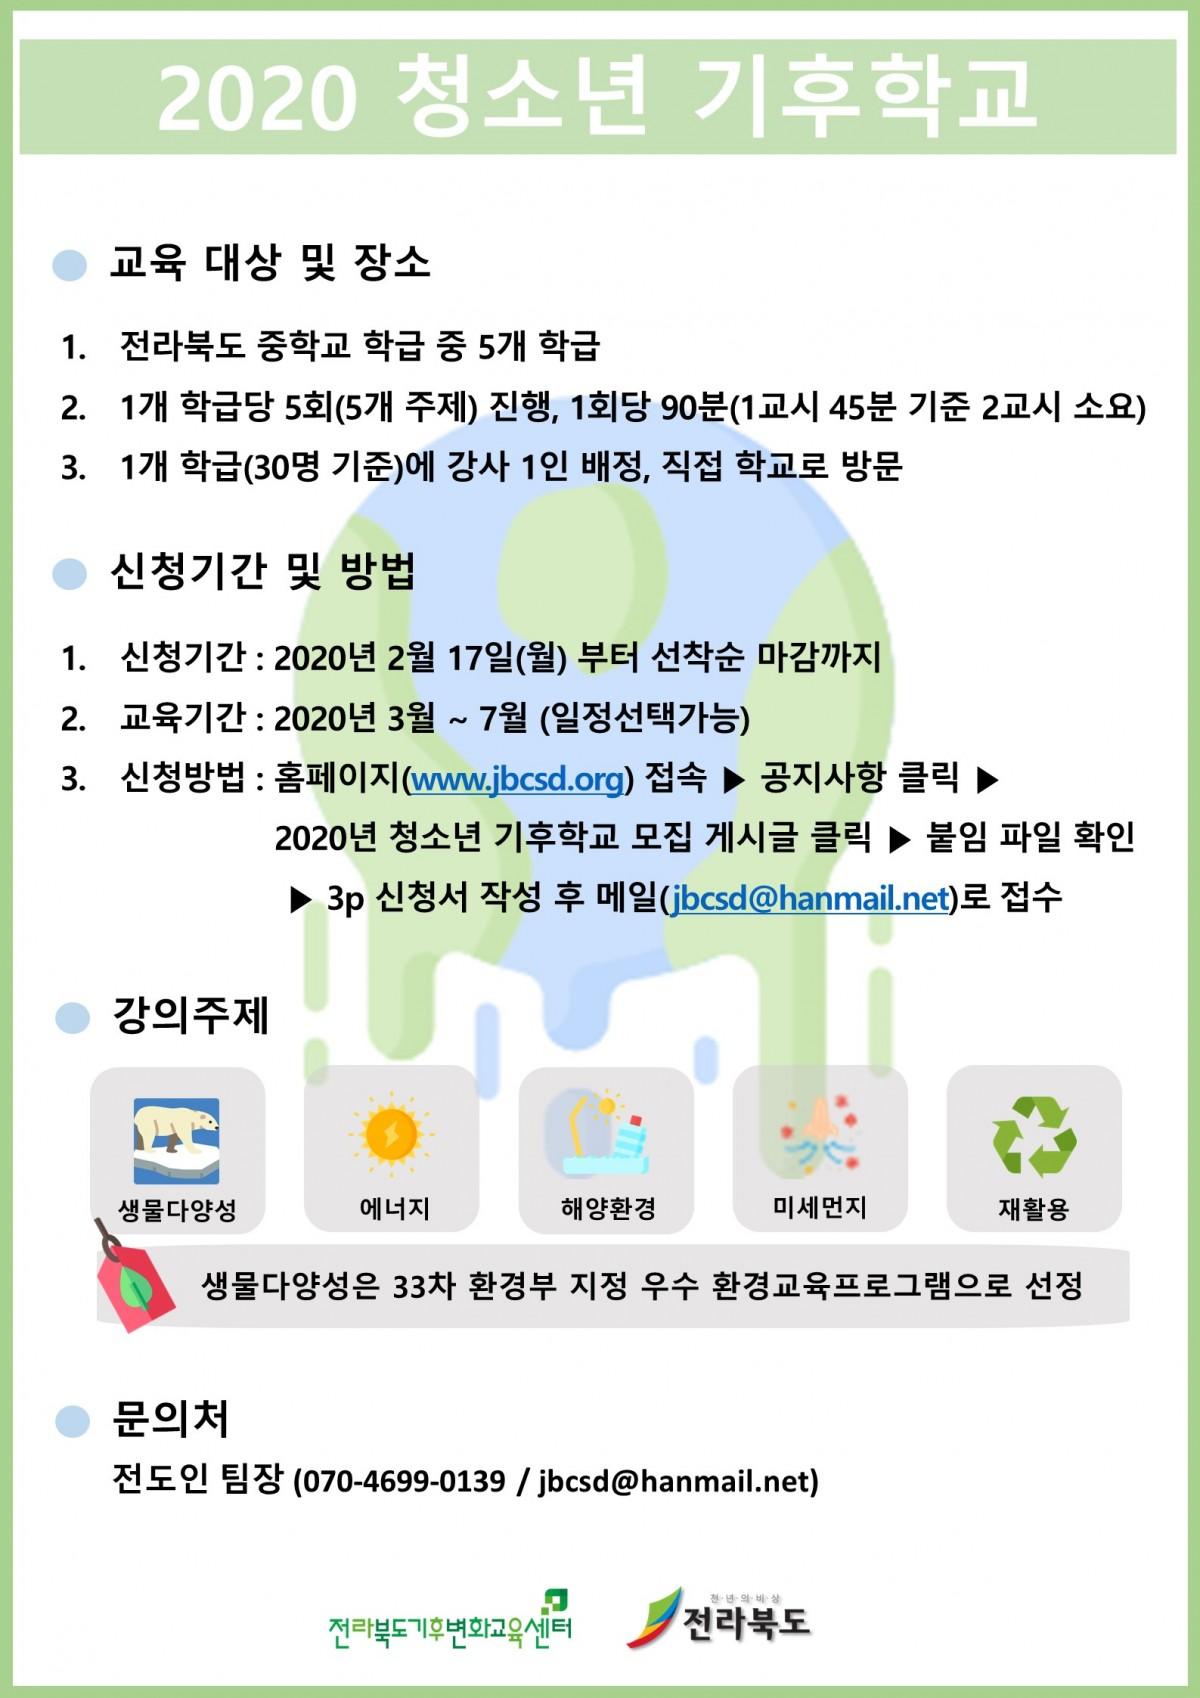 2020 청소년기후학교 포스터(수정).JPG